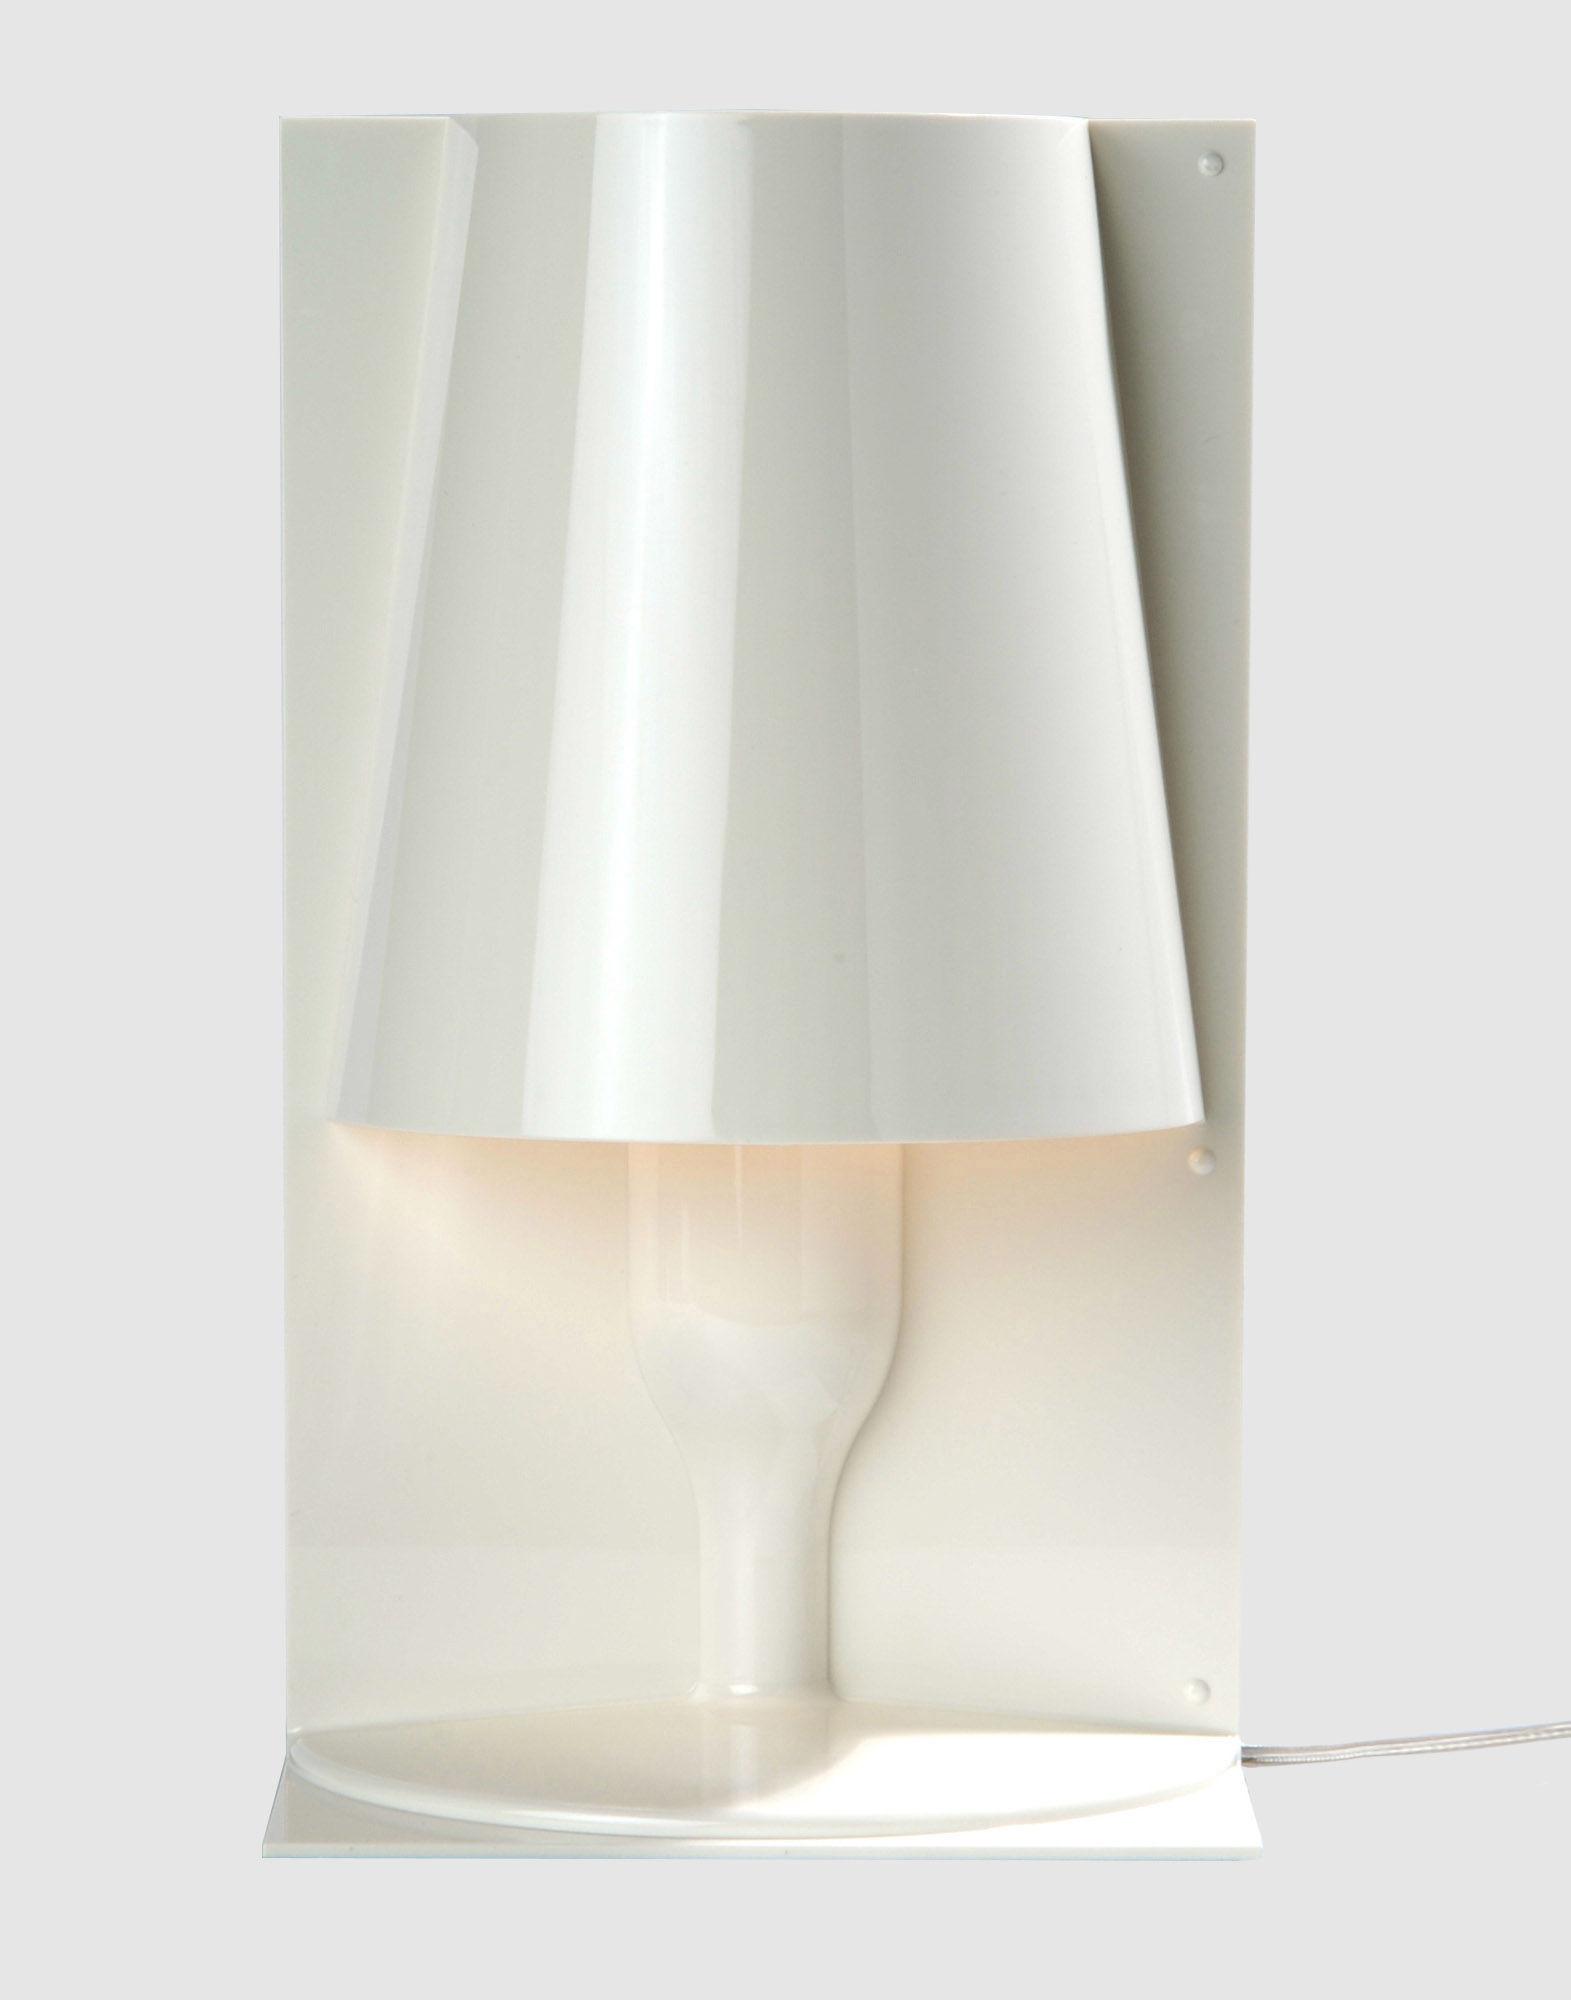 KARTELL Настольная лампа studies on schiff bases derived from acetophenones